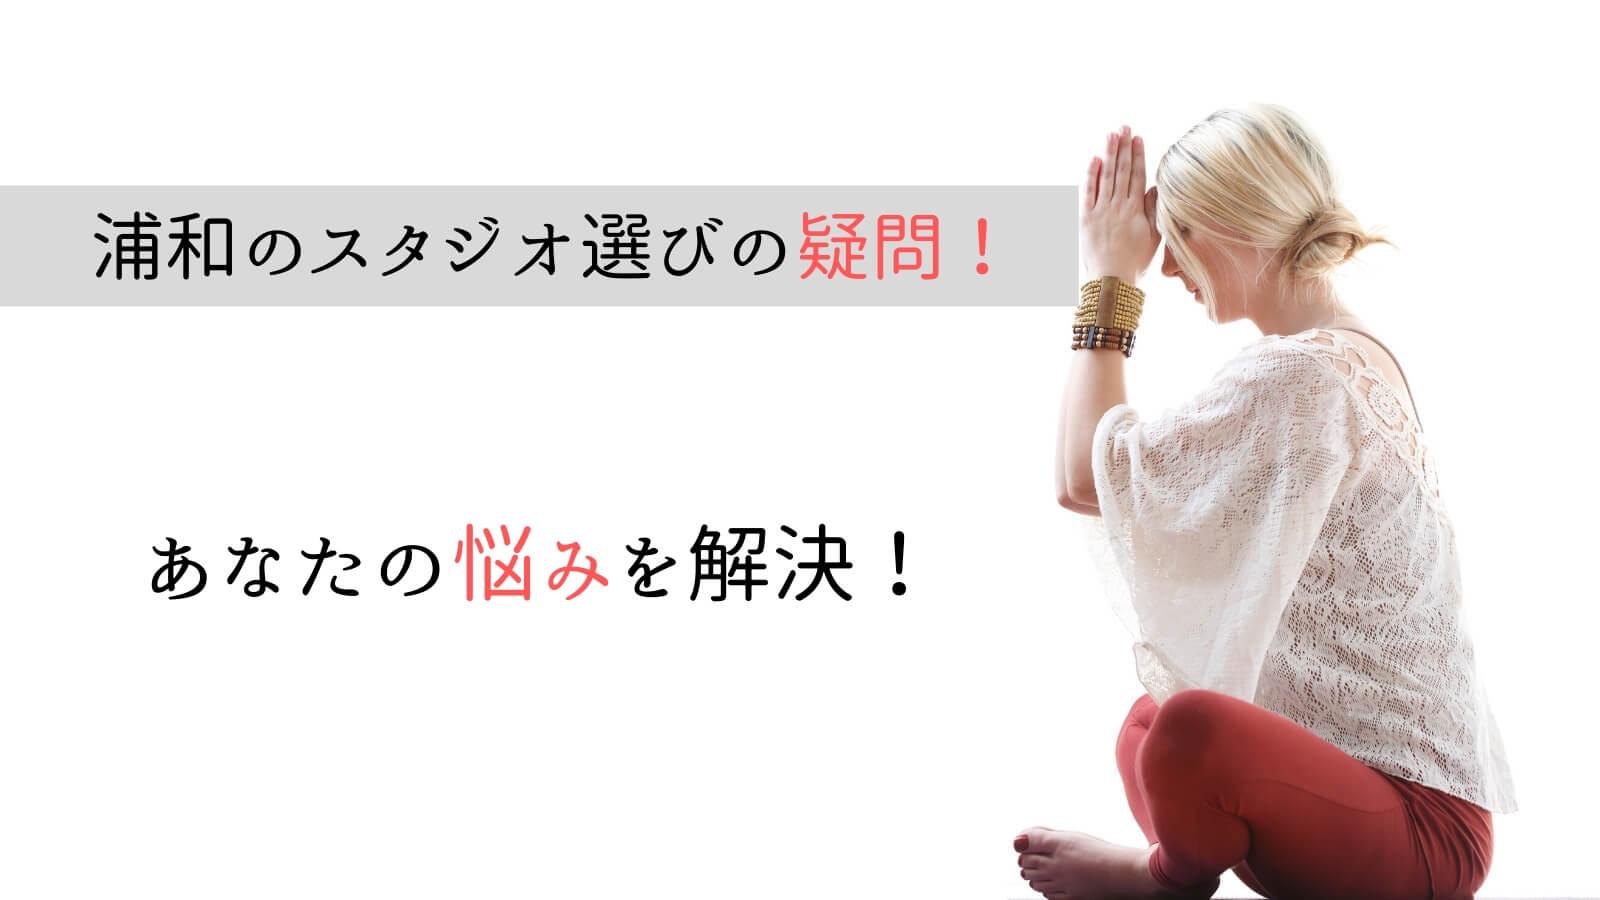 浦和でのヨガ・ホットヨガスタジオ選びに関するQ&A